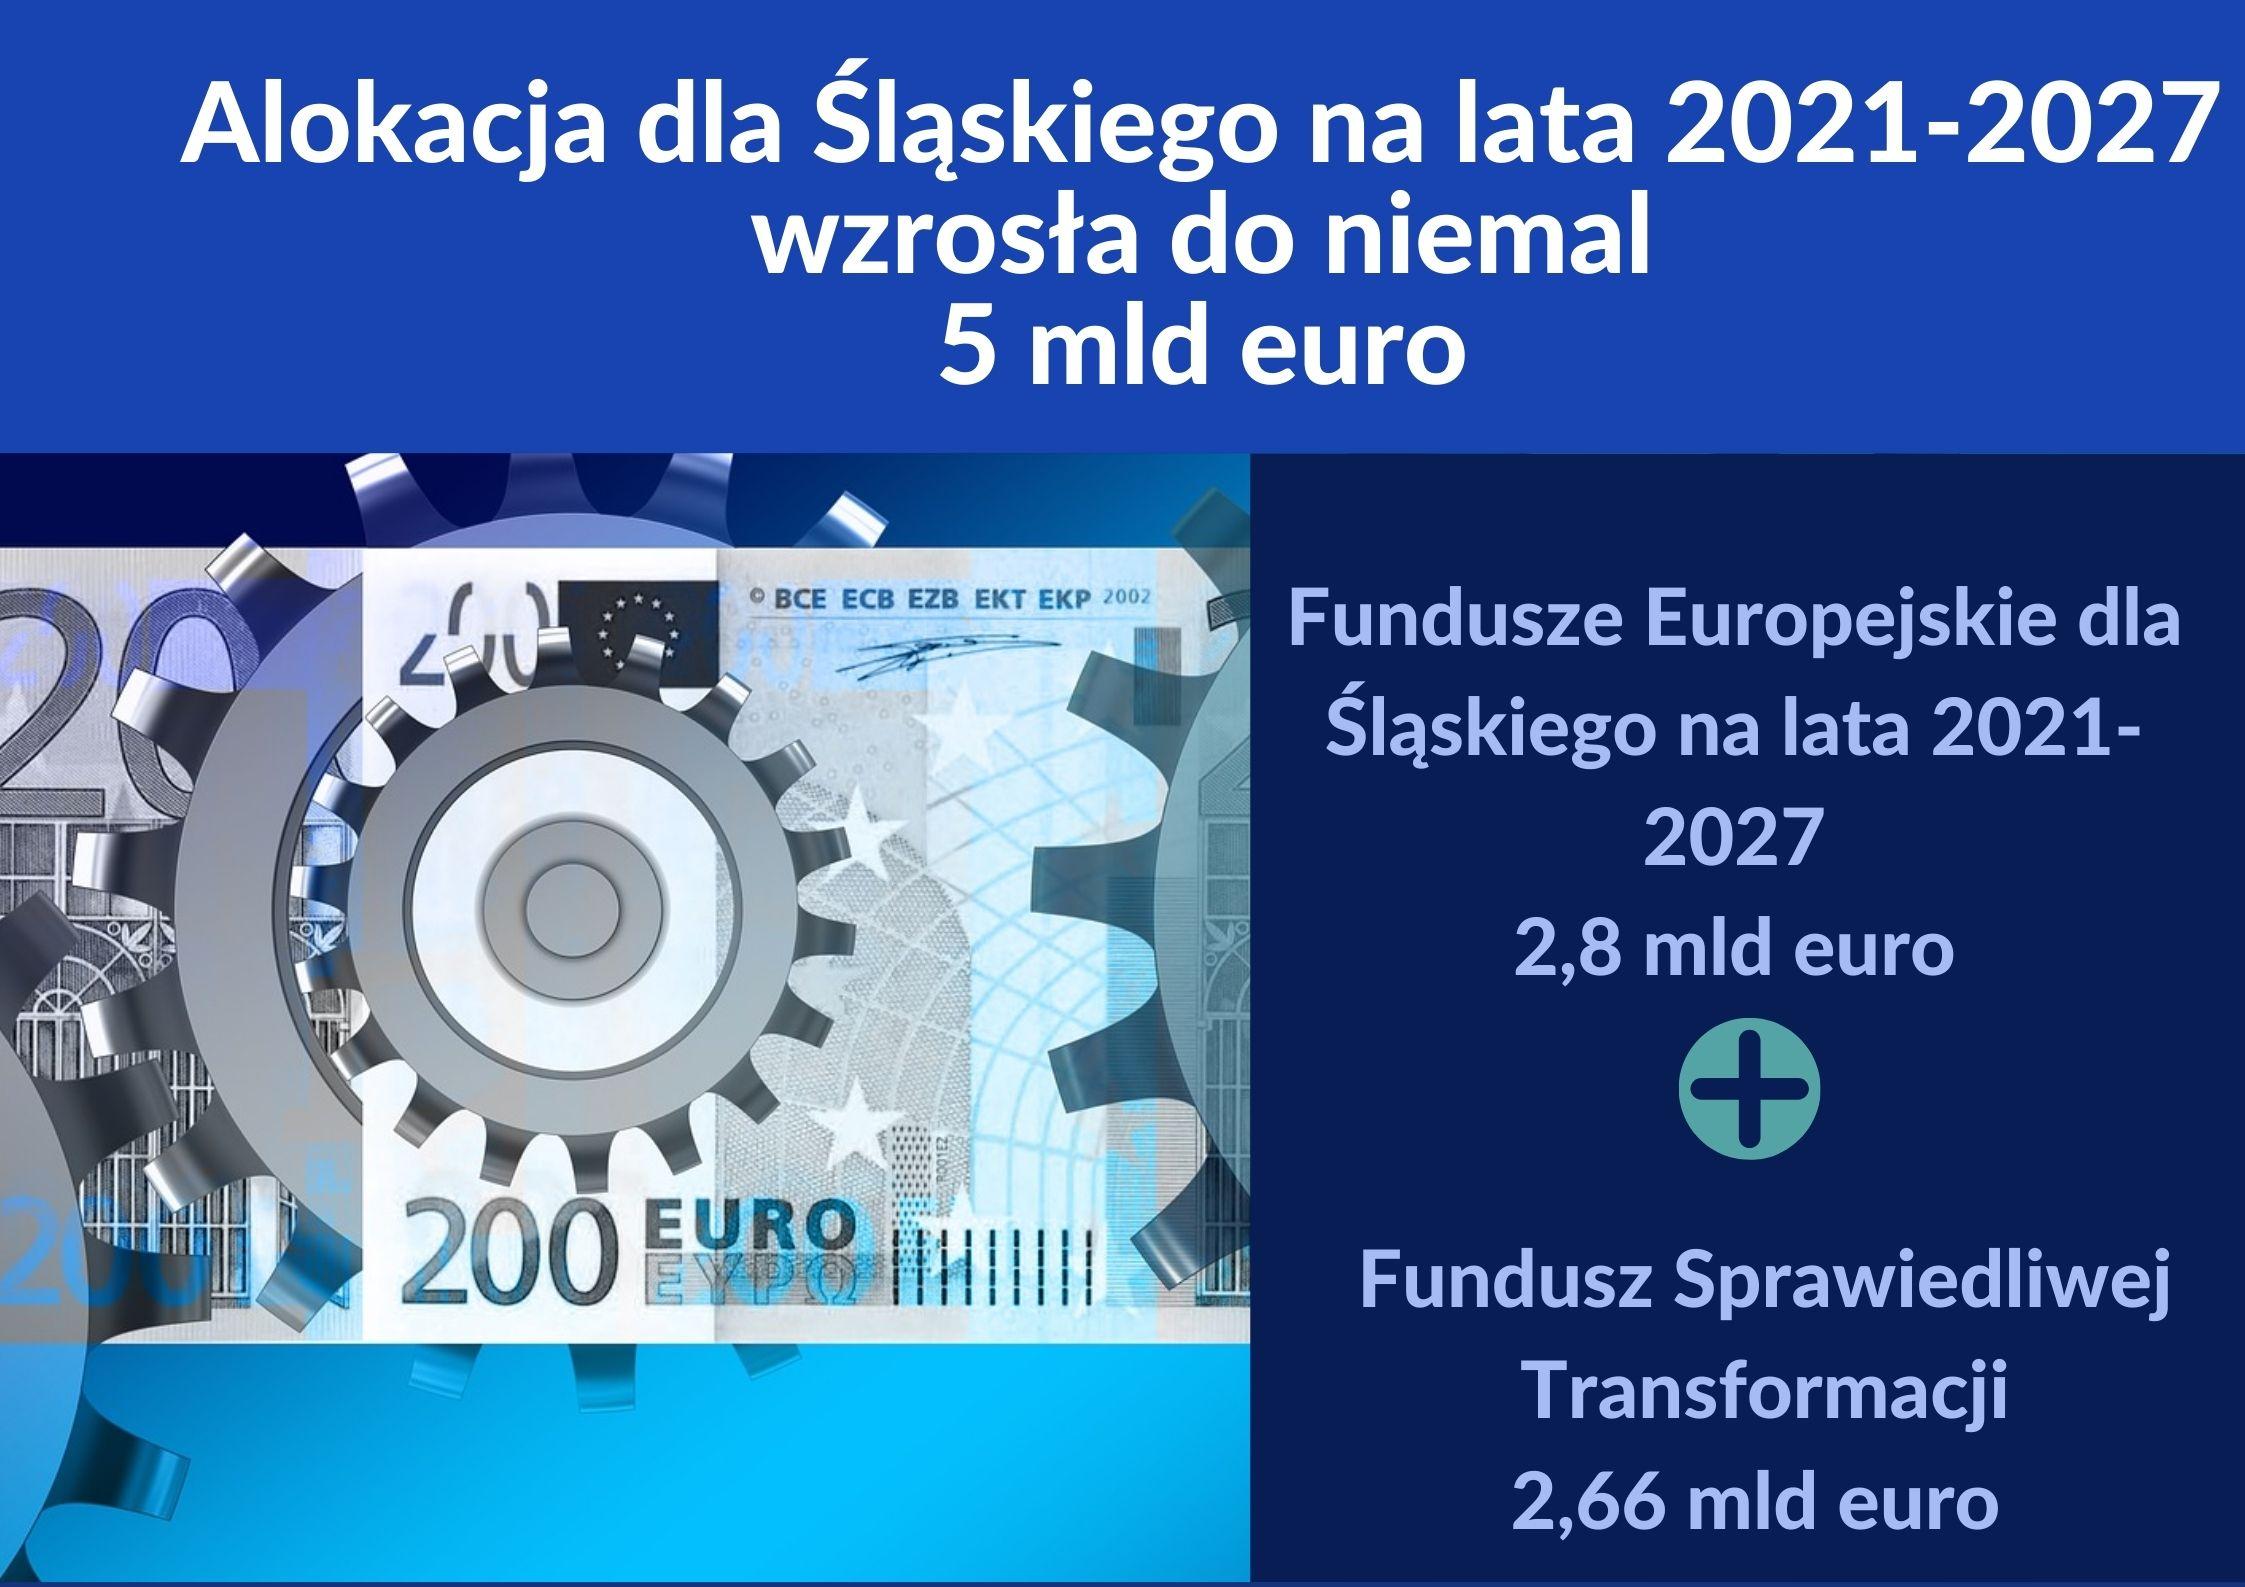 Prawie 5 mld euro dla Śląskiego na lata 2021-2027. Pula dla regionu wzrosła po negocjacjach.